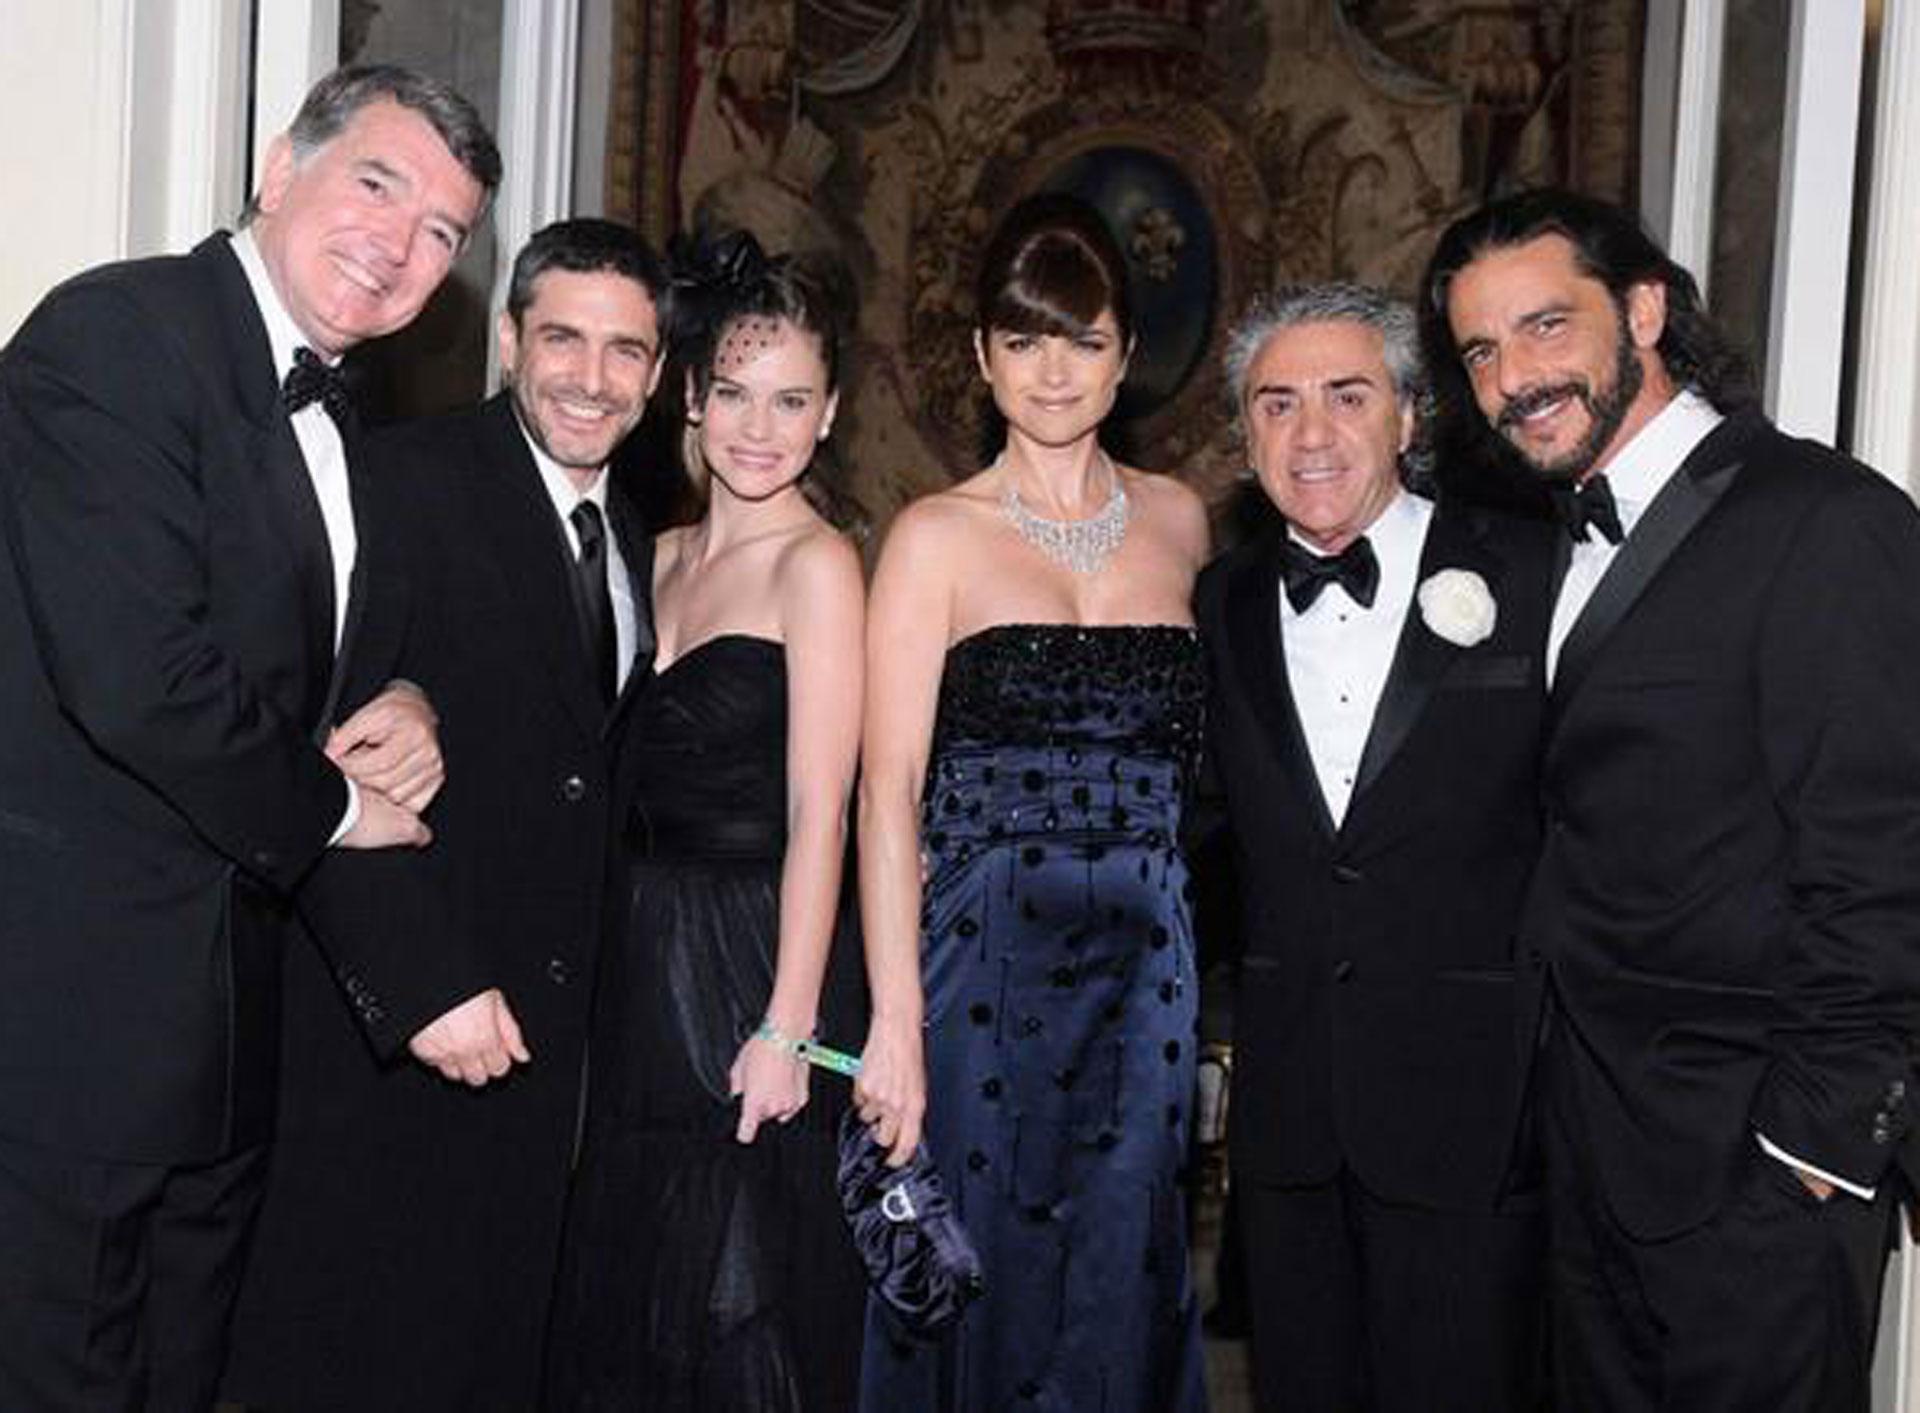 El diseñador junto a Pancho Dotto, Leonardo Sbaraglia, Luz Cipriota, Araceli González y Fabián Mazzei